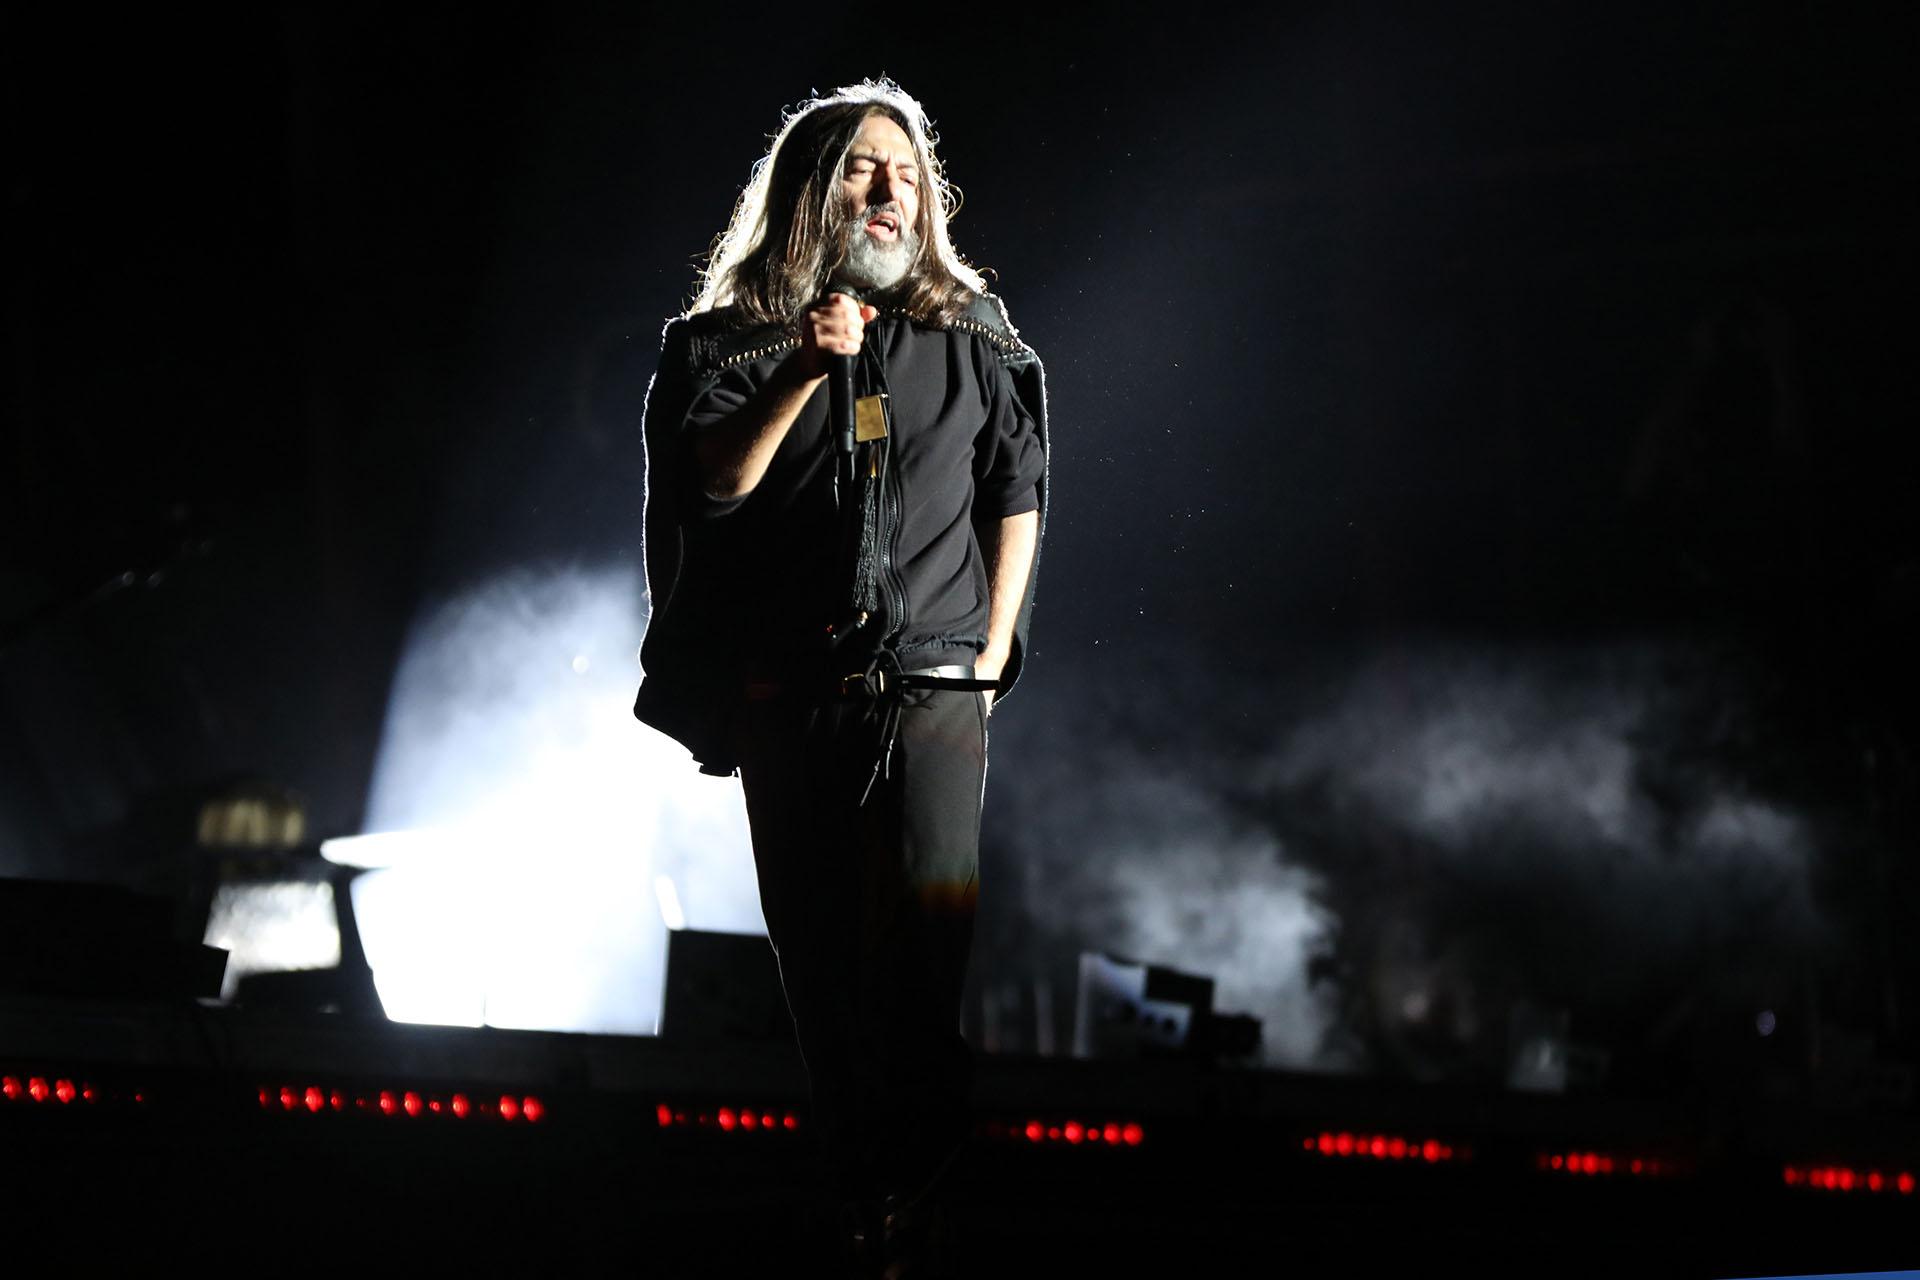 A las 20.45, los siete músicos aparecieron en la oscuridad del escenario y como un vampiro encarnado en gaucho con capa